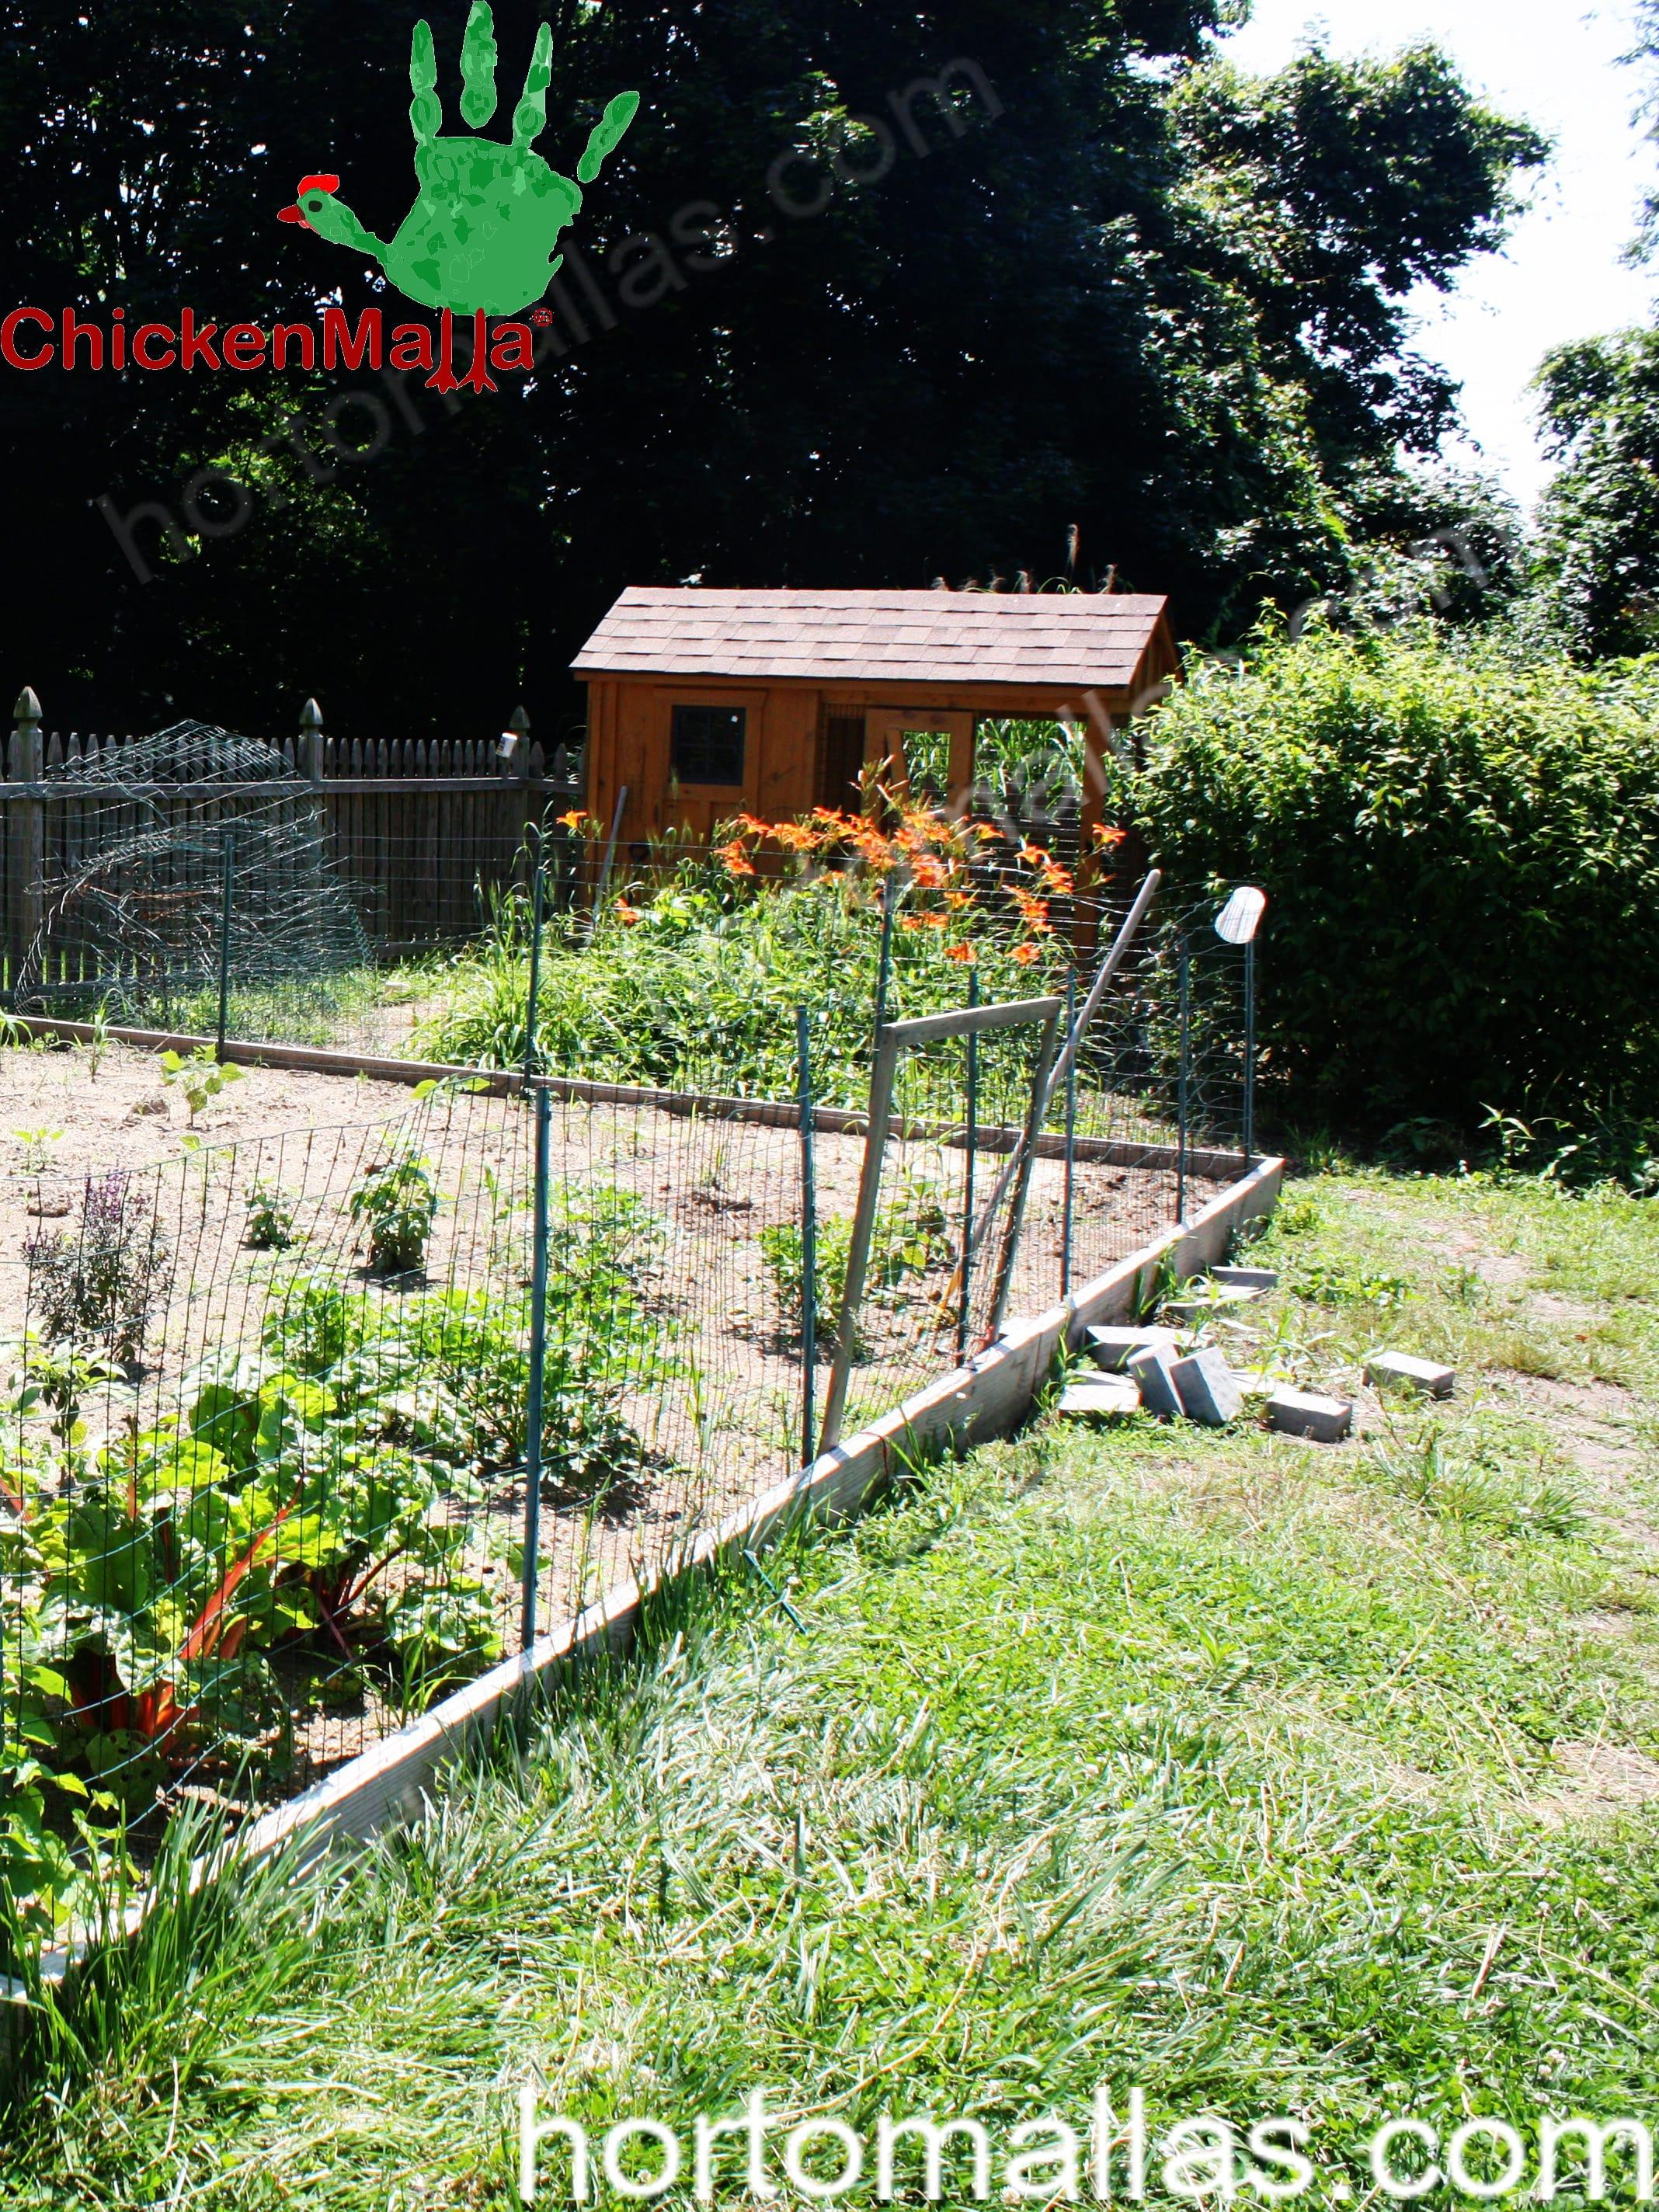 jardín con uso de CHICKENMALLA